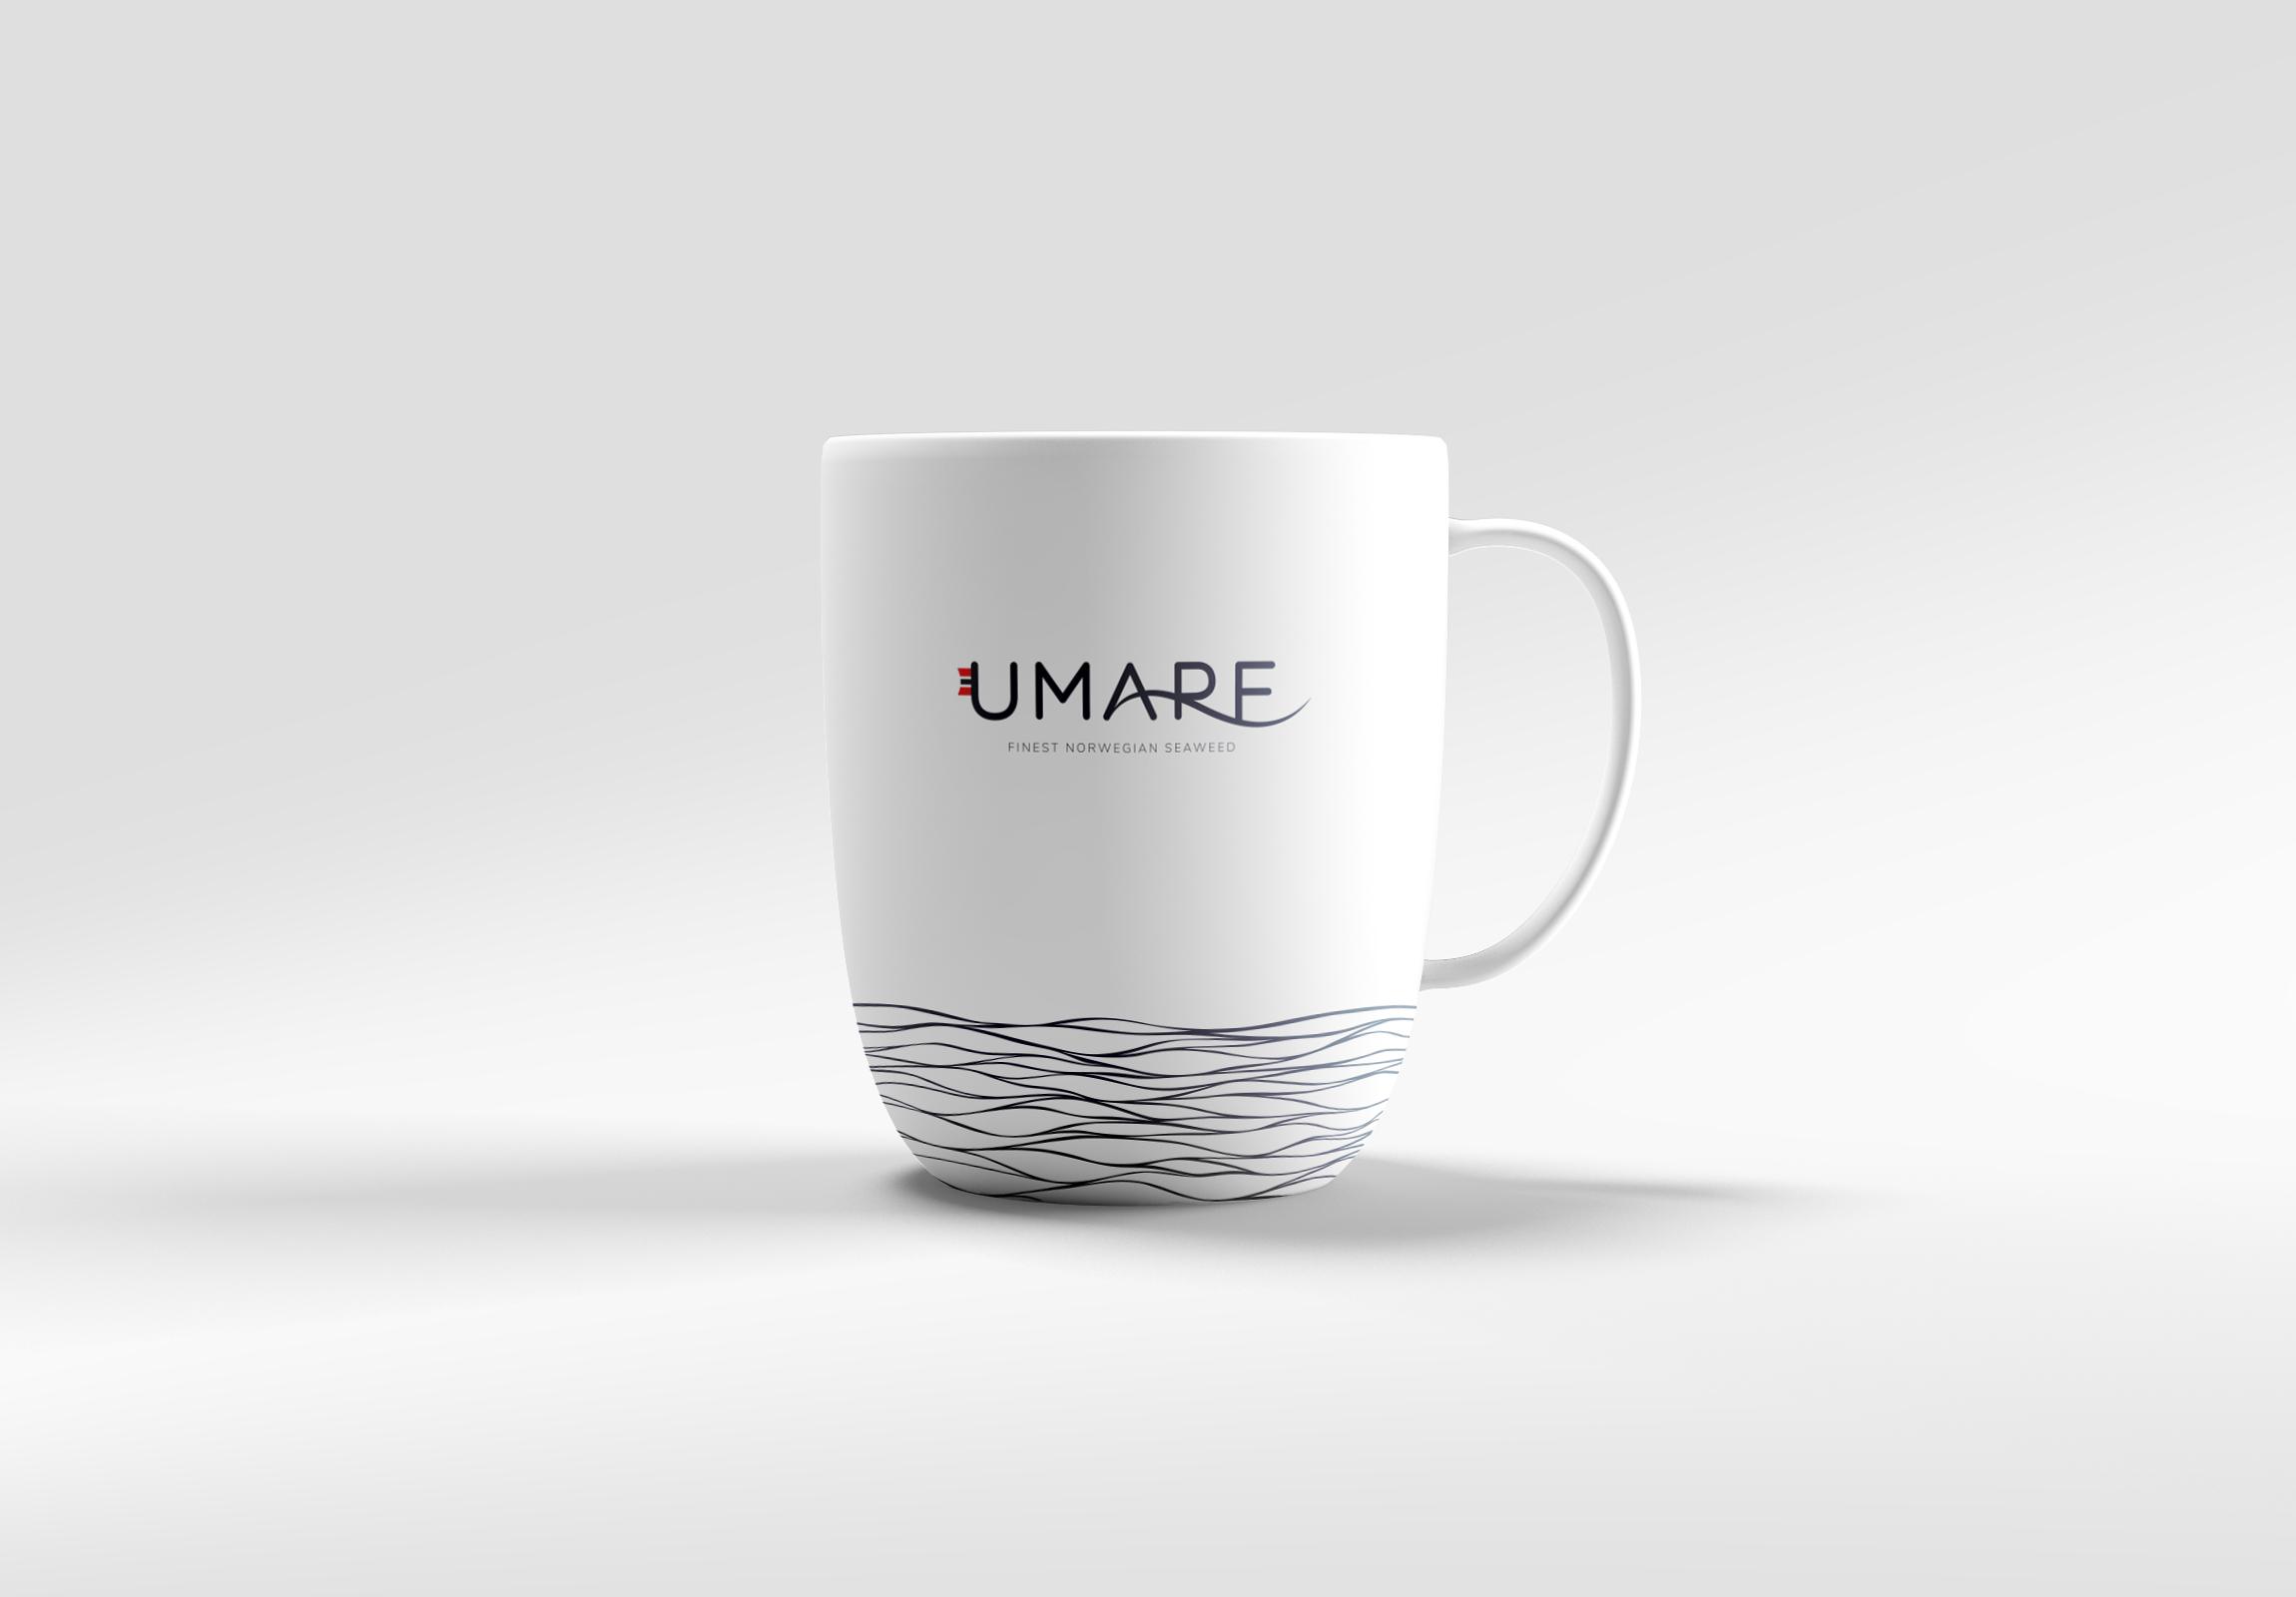 Umare